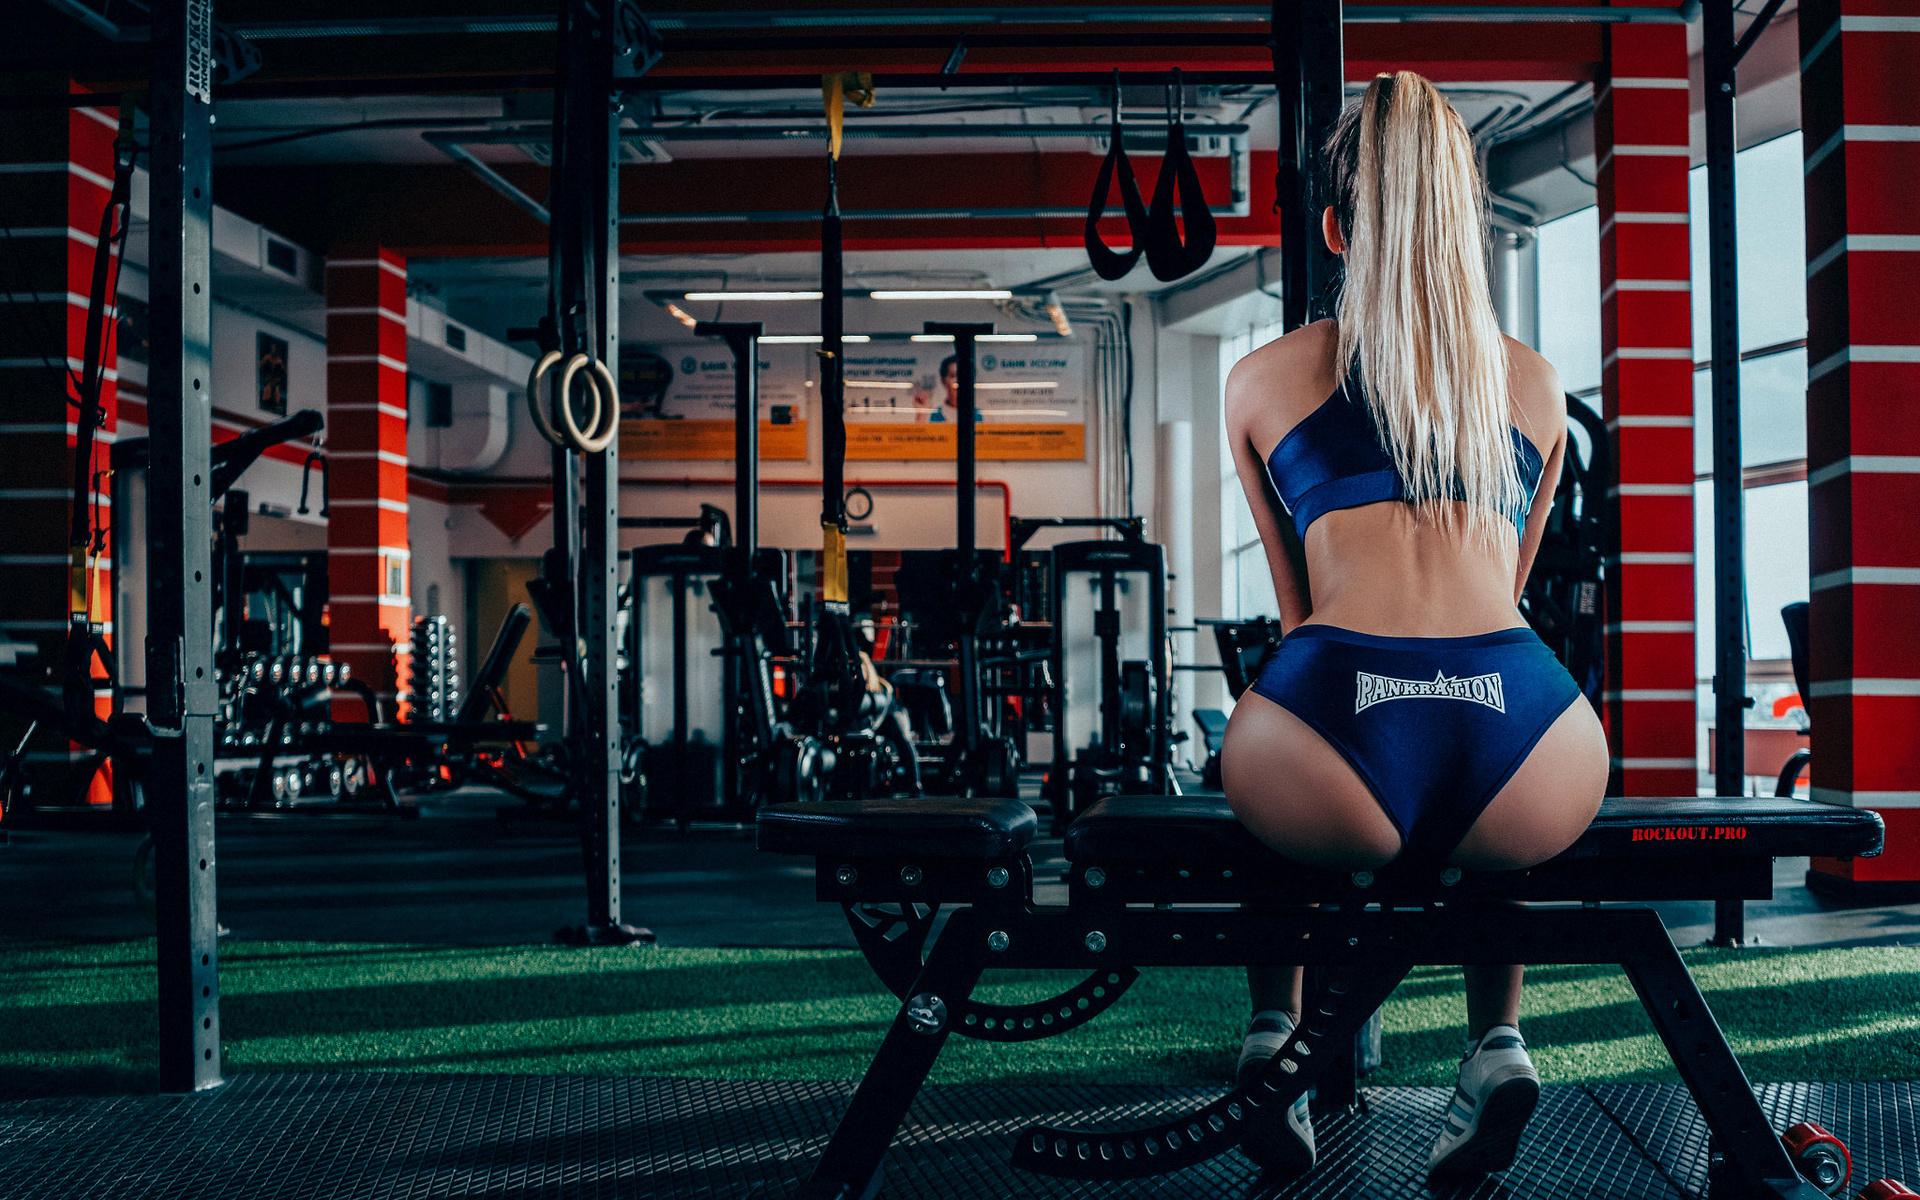 Sexy back beautiful image photo